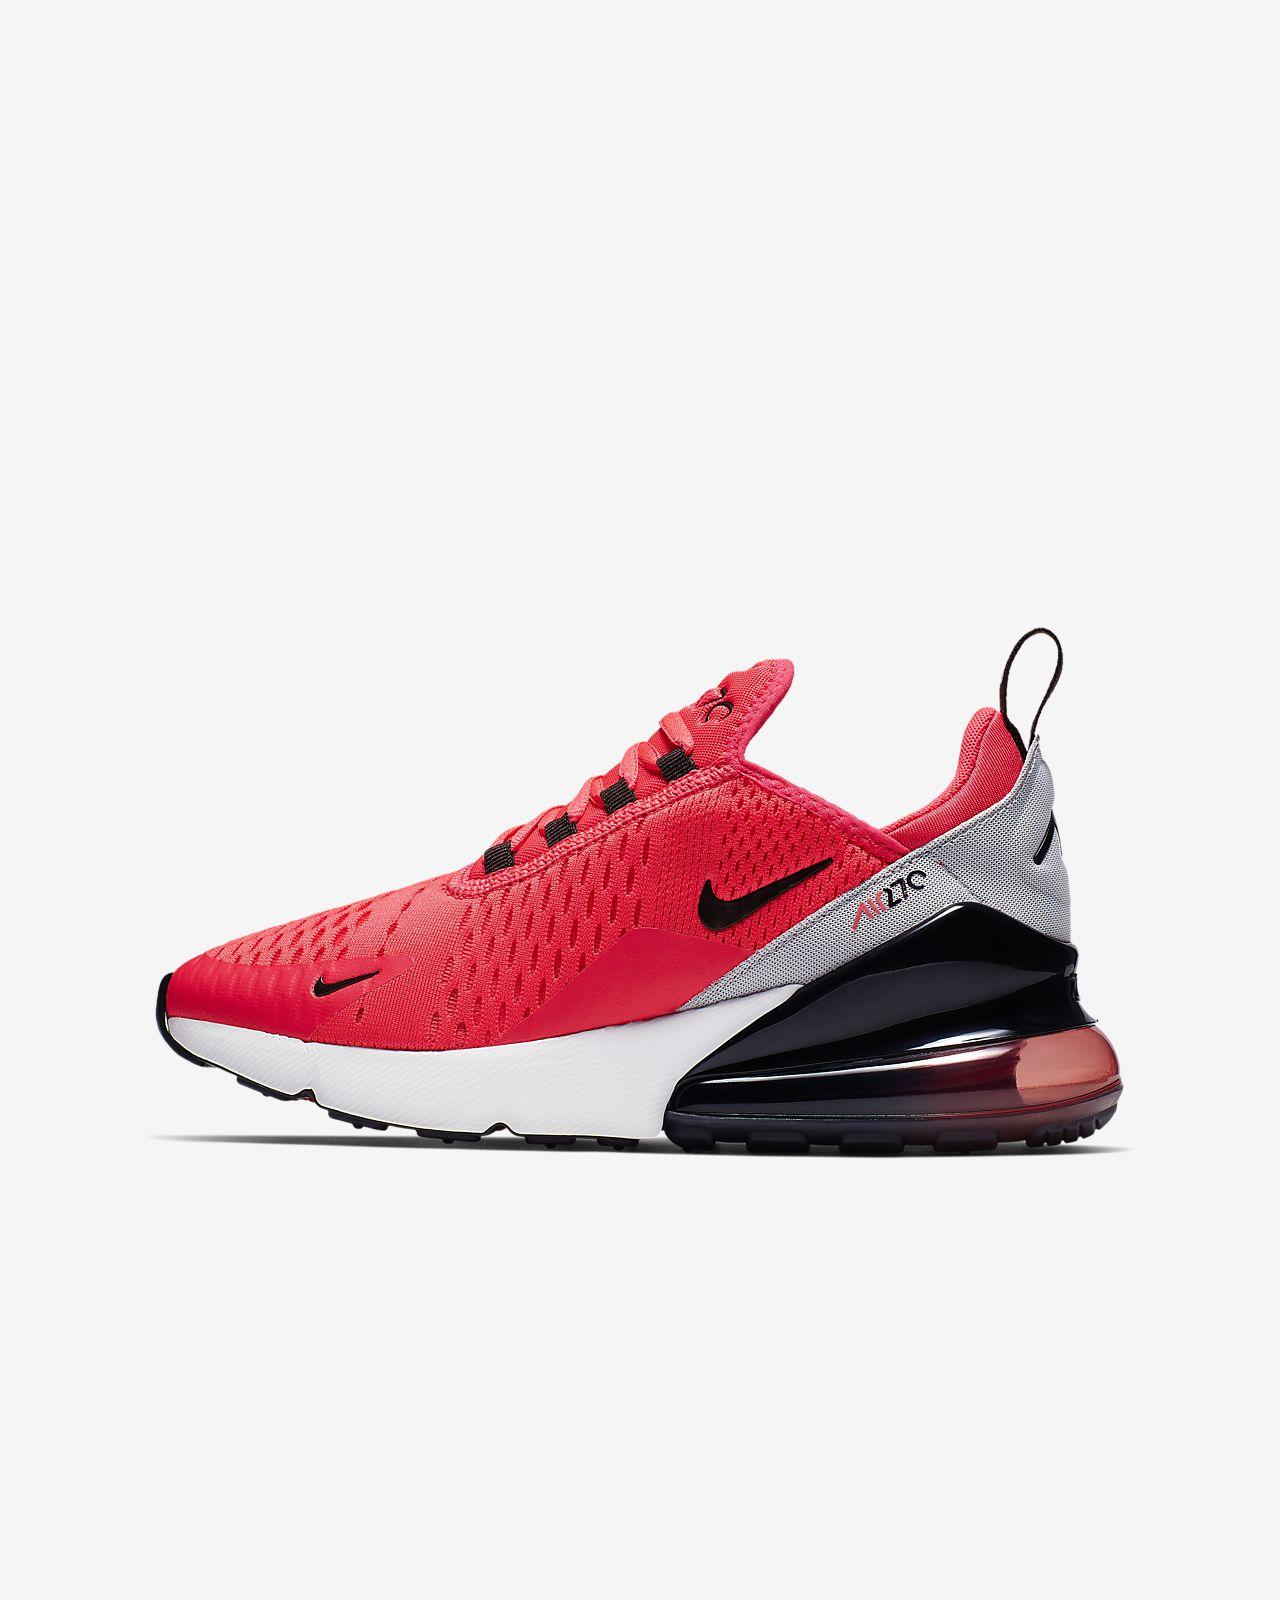 cheaper 14e9c bb3a3 ... Nike Air Max 270 Schuh für ältere Kinder